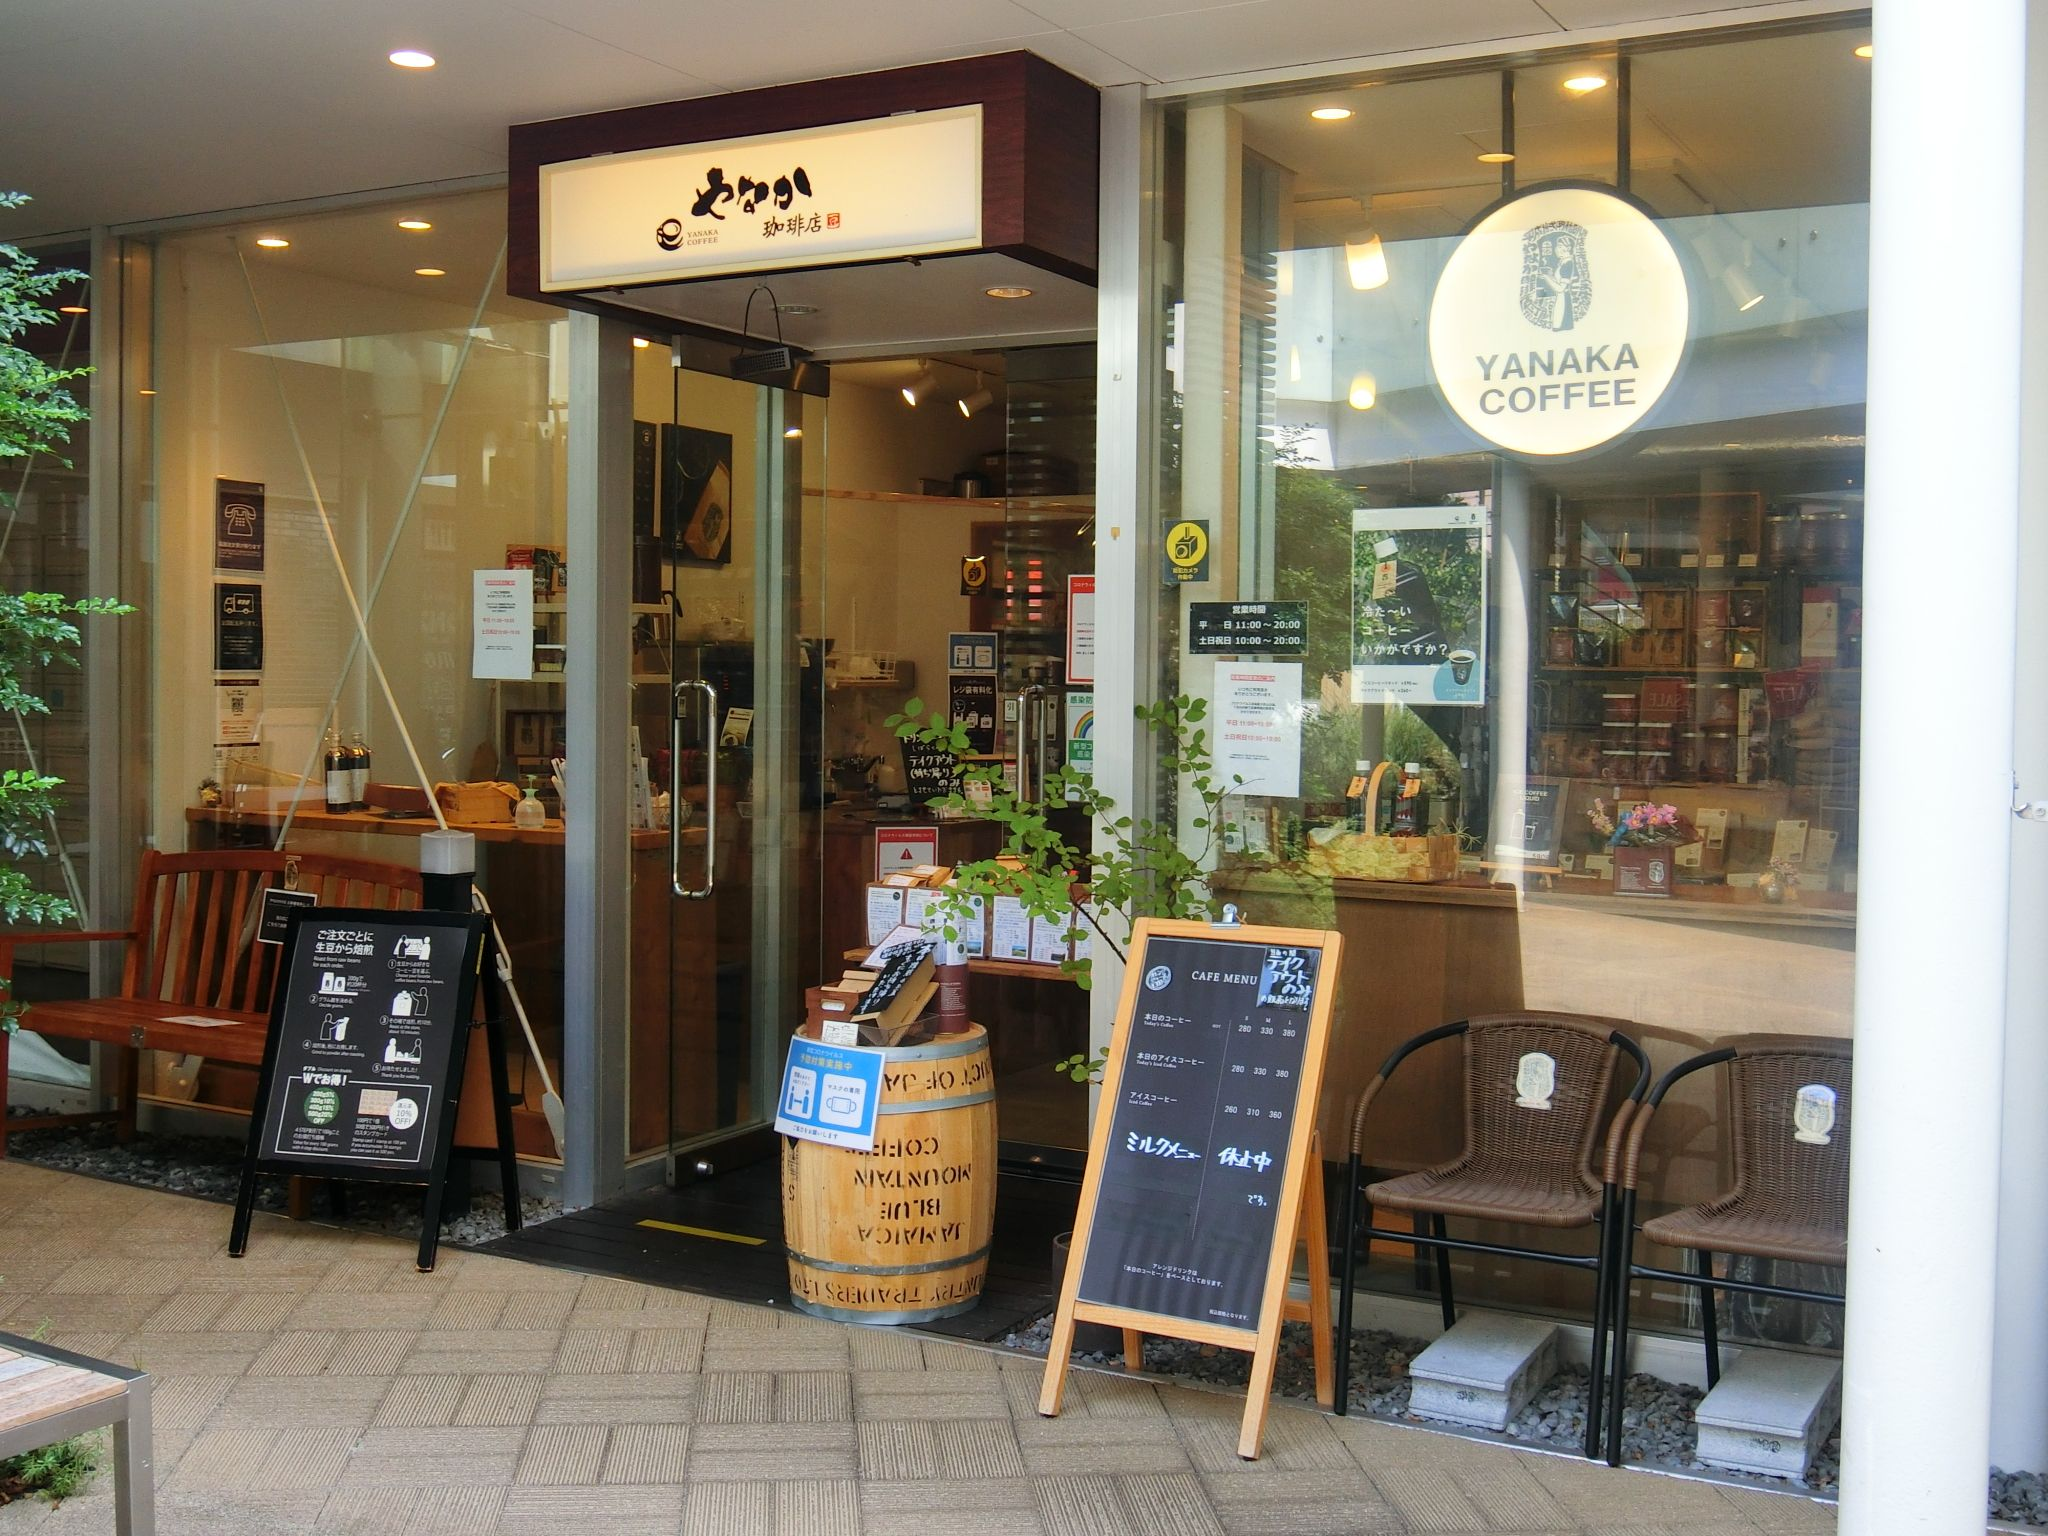 やなか珈琲店,YANAKACOFFEE,自由が丘,自由が丘トレインチ,珈琲豆,コーヒー豆,コーヒー,アイスコーヒー